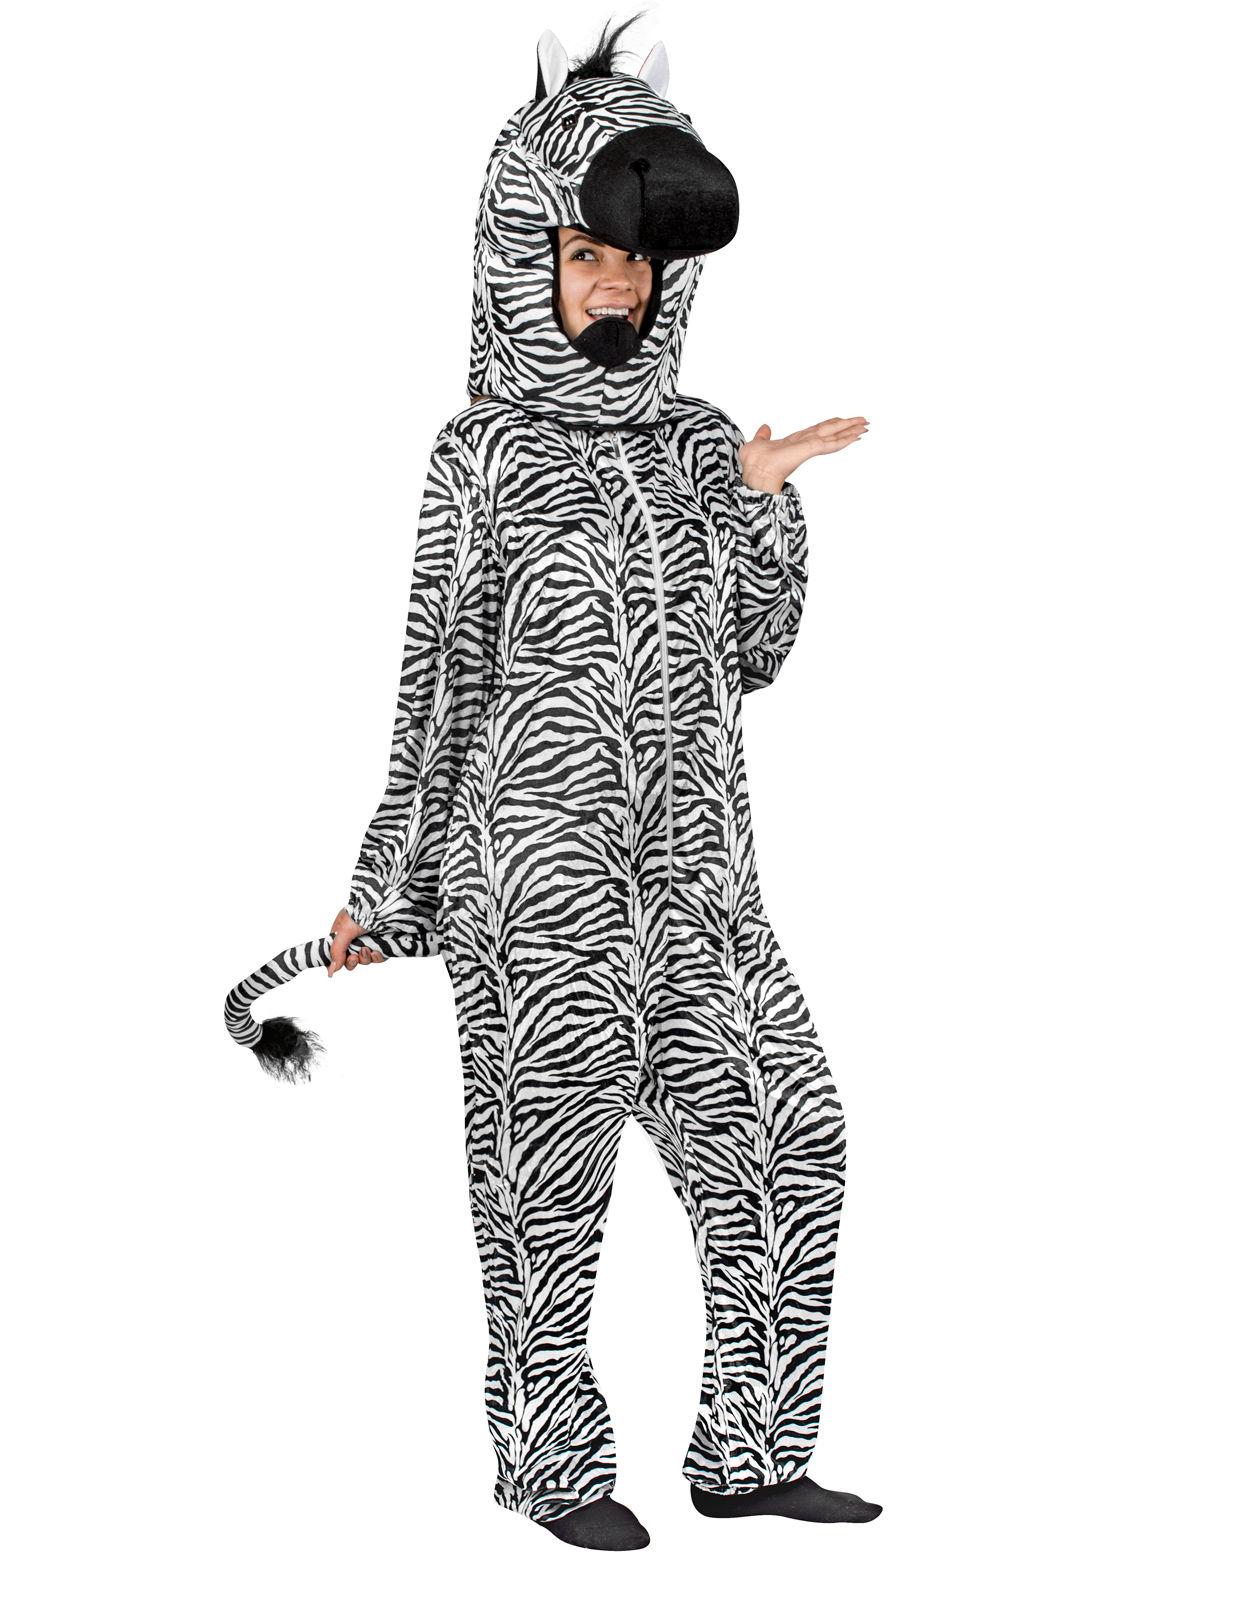 Zebra Kostum Schwarz Weiss Gunstige Faschings Kostume Bei